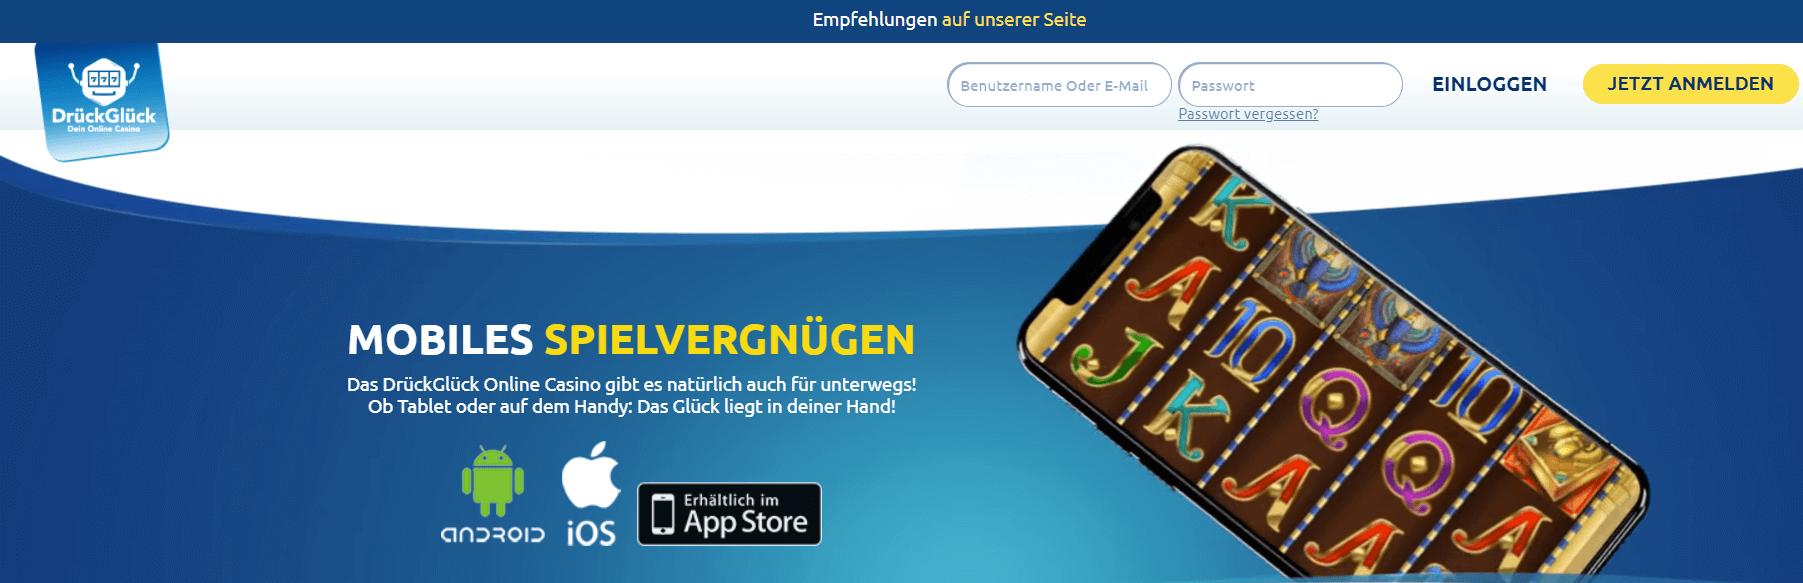 Mit der DrückGlück App können Sie überall spielen und Spaß haben, jetzt herunterladen und im DrückGlück Casino Deutschland spielen